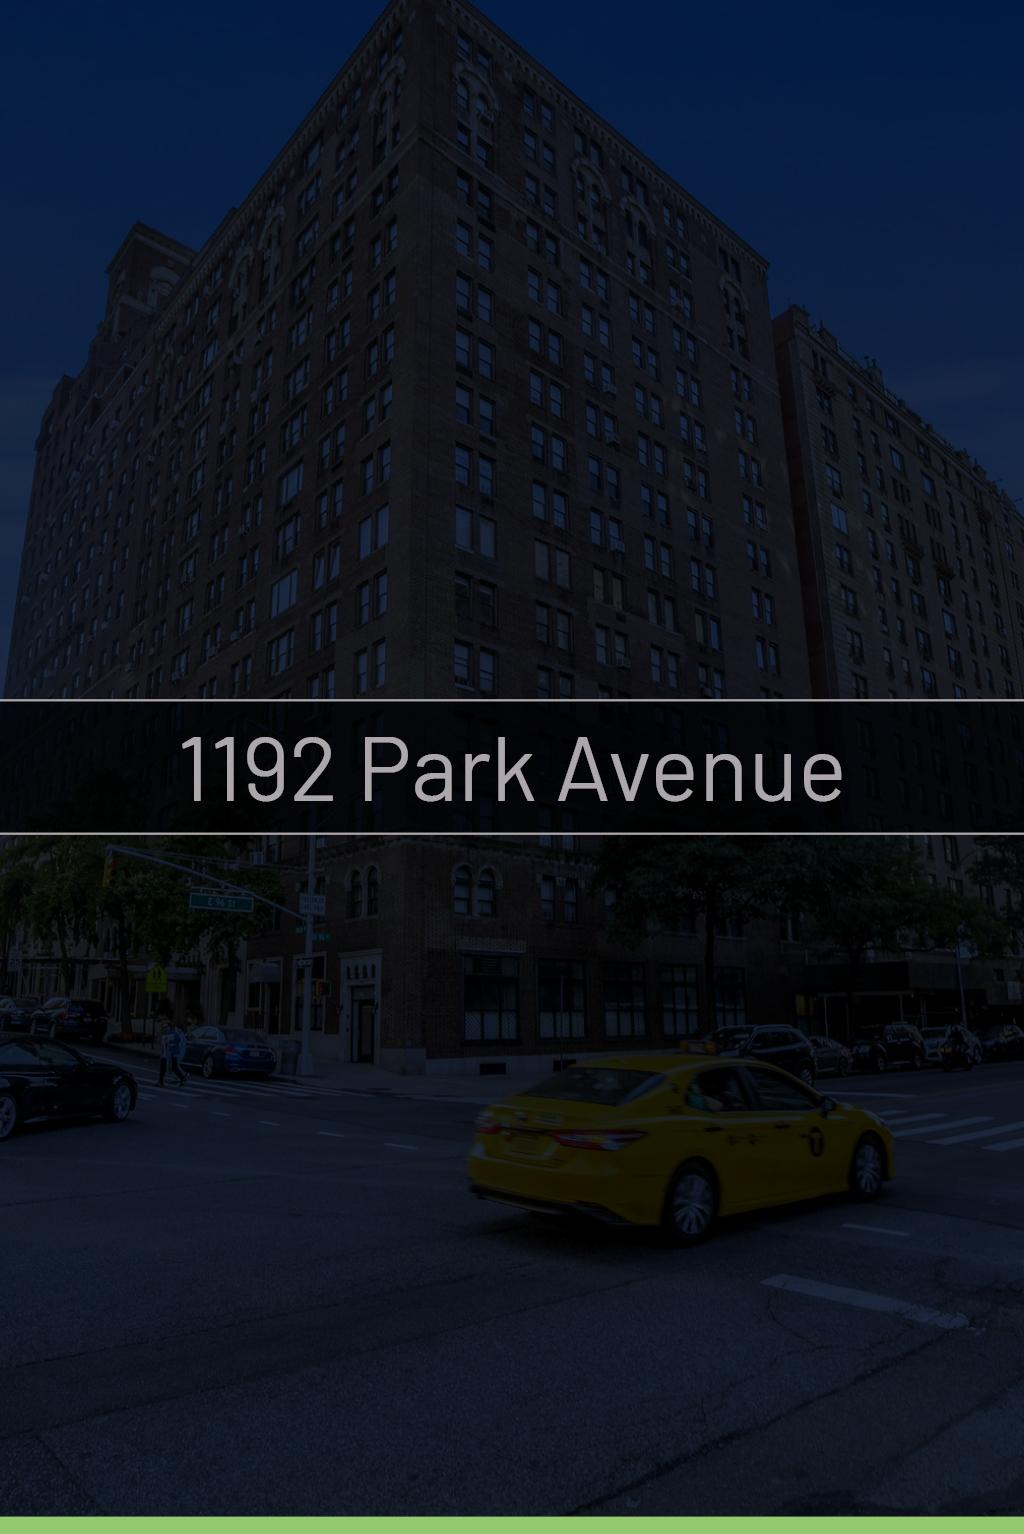 1192ParkAvenue